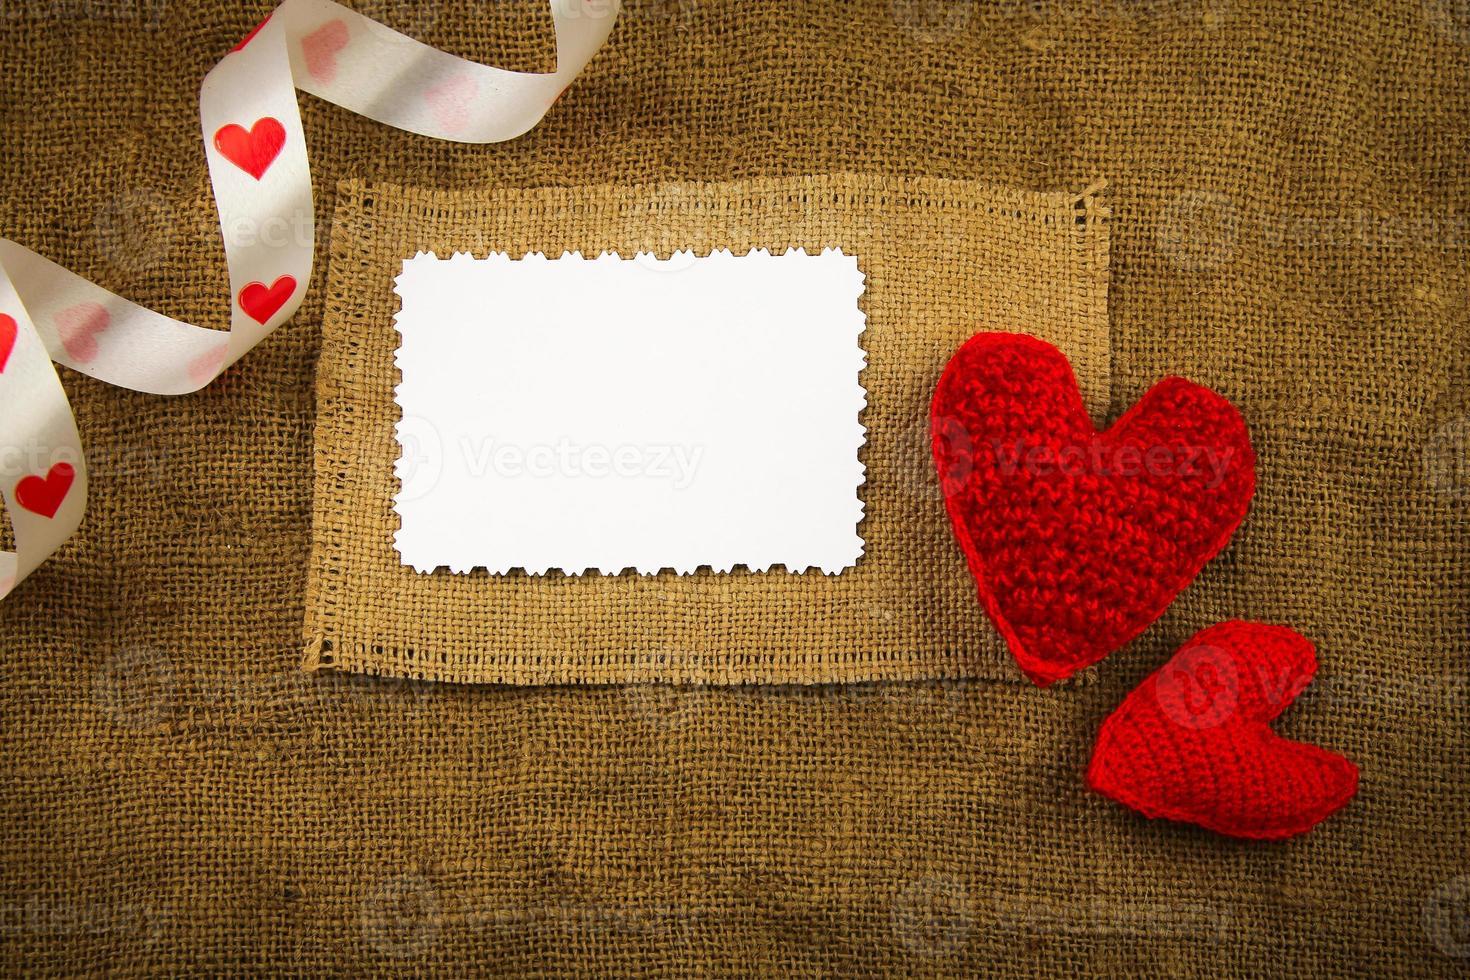 tricoter des cœurs sur le sac photo